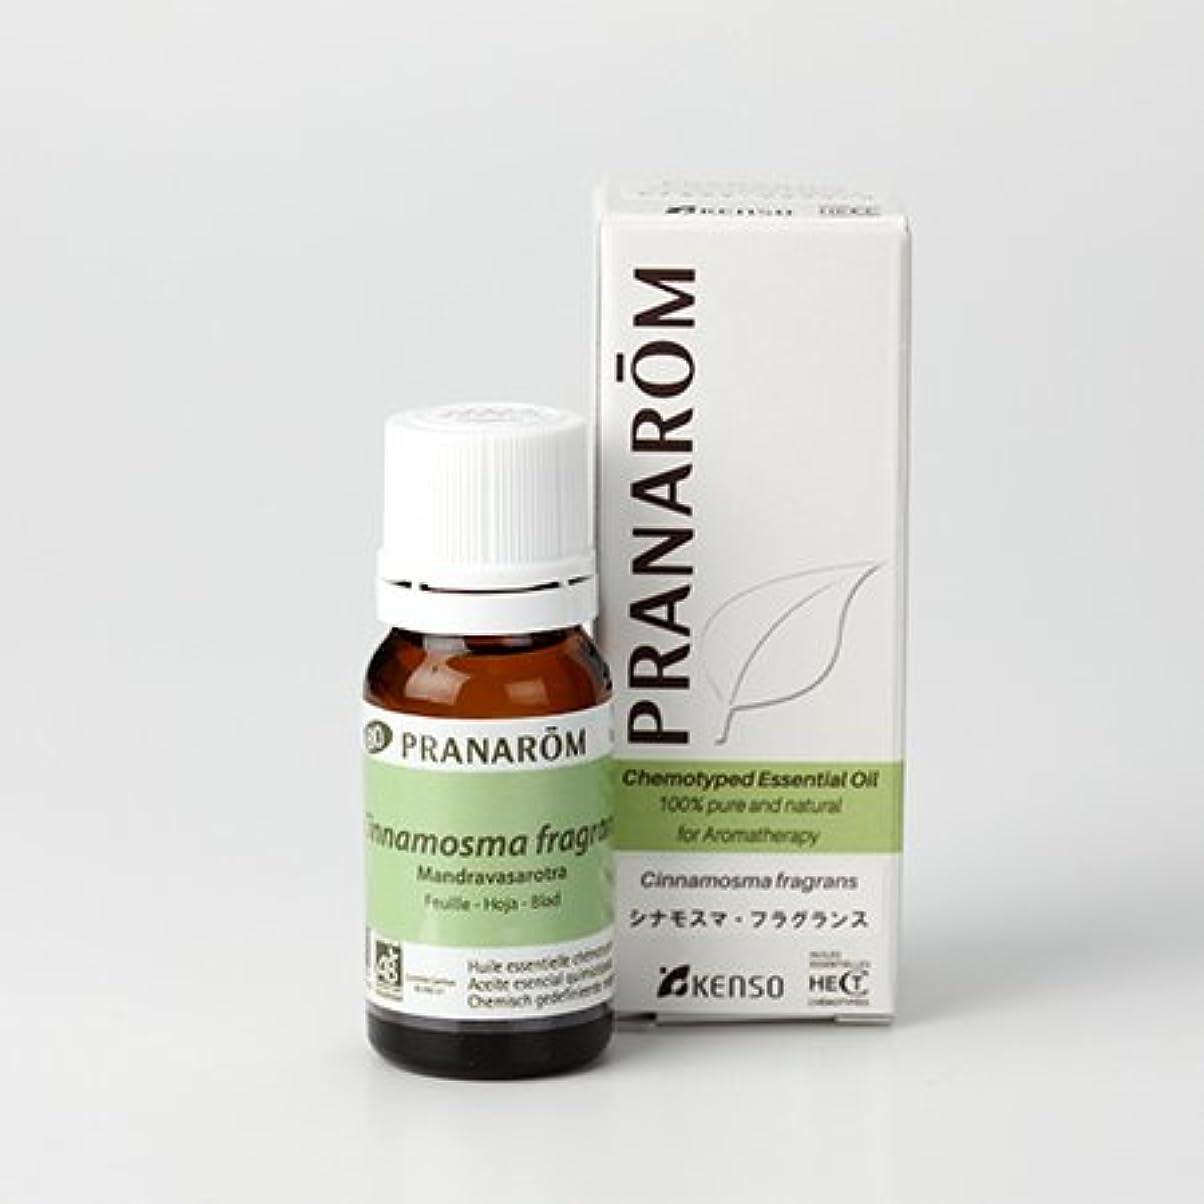 キャンパスピアノウィンクプラナロム ( PRANAROM ) 精油 シナモスマ?フラグランス 10ml p-32